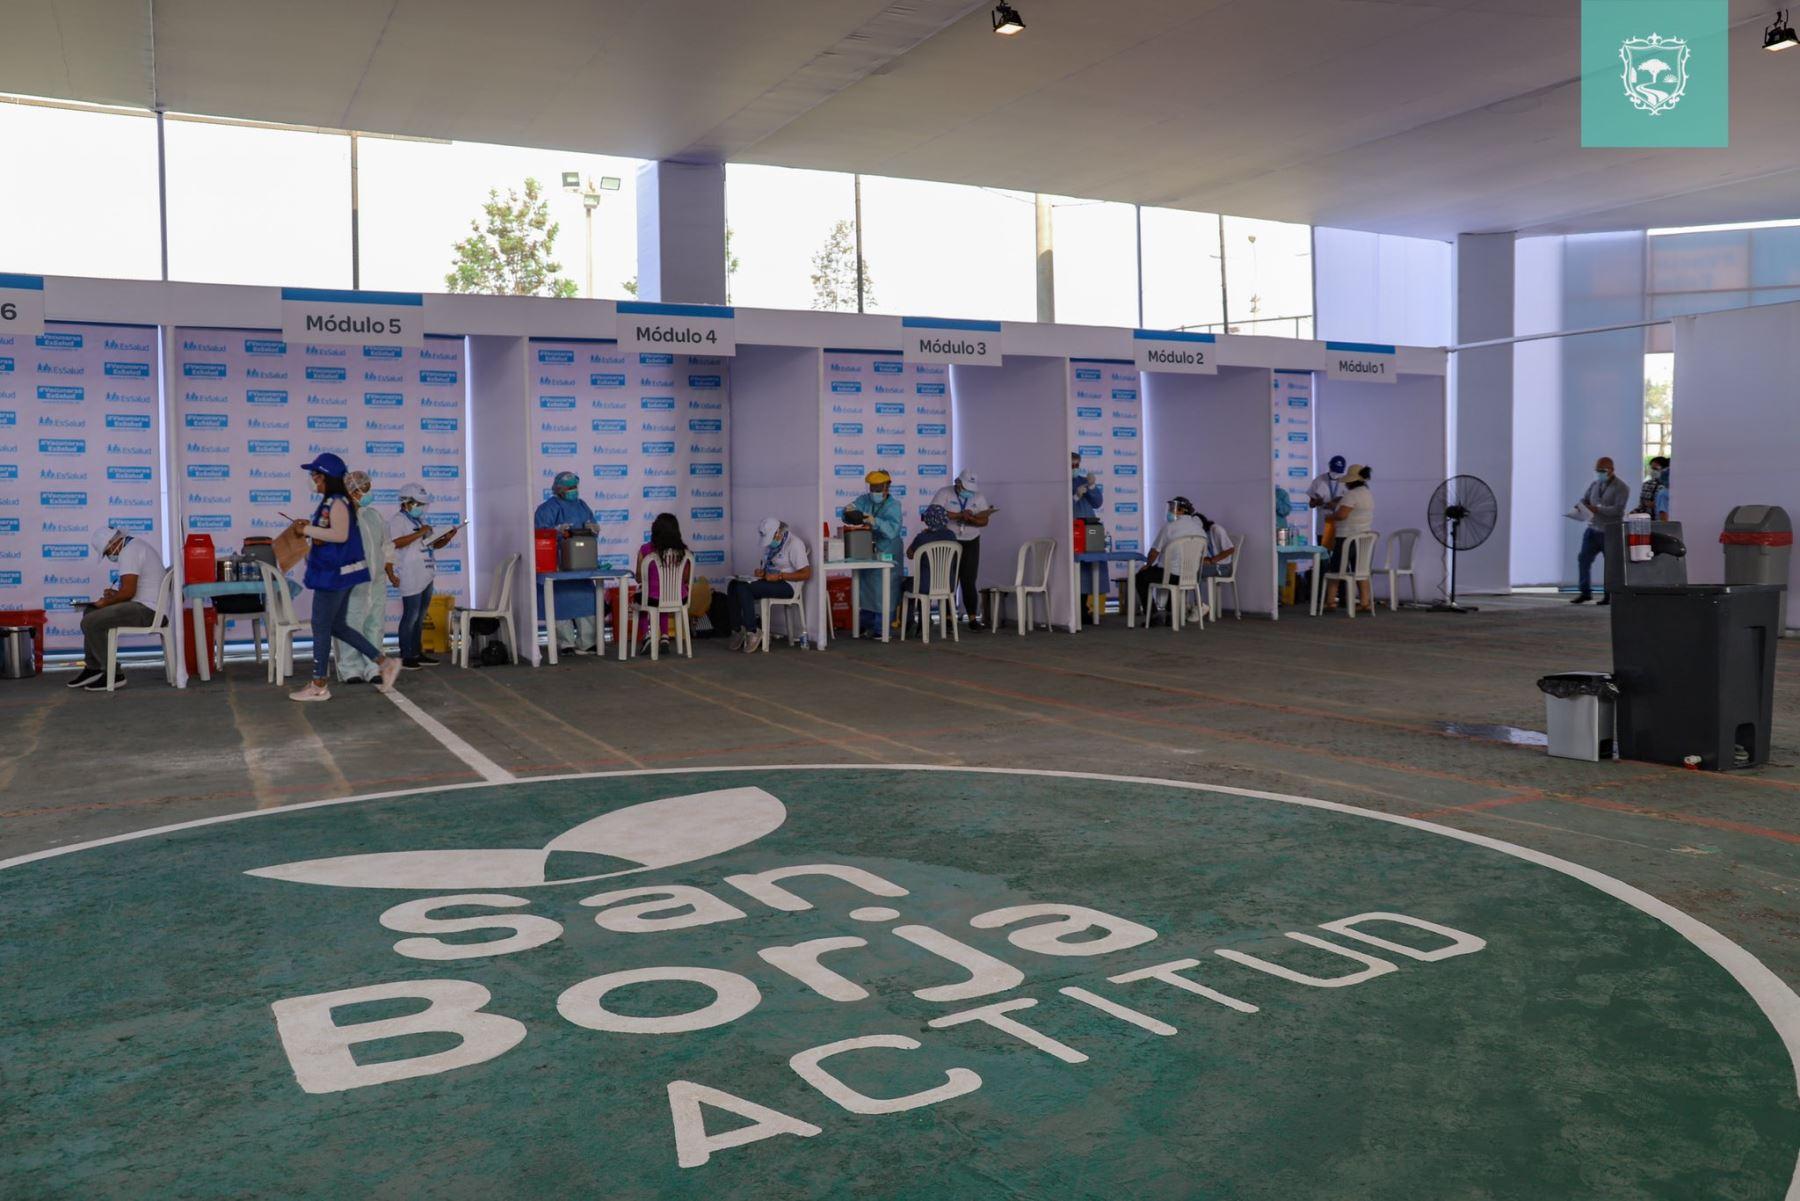 Se inició la inmunización al personal médico en ambientes seguros en el polideportivo Limatambo. Foto: municipalidad de San Borja.